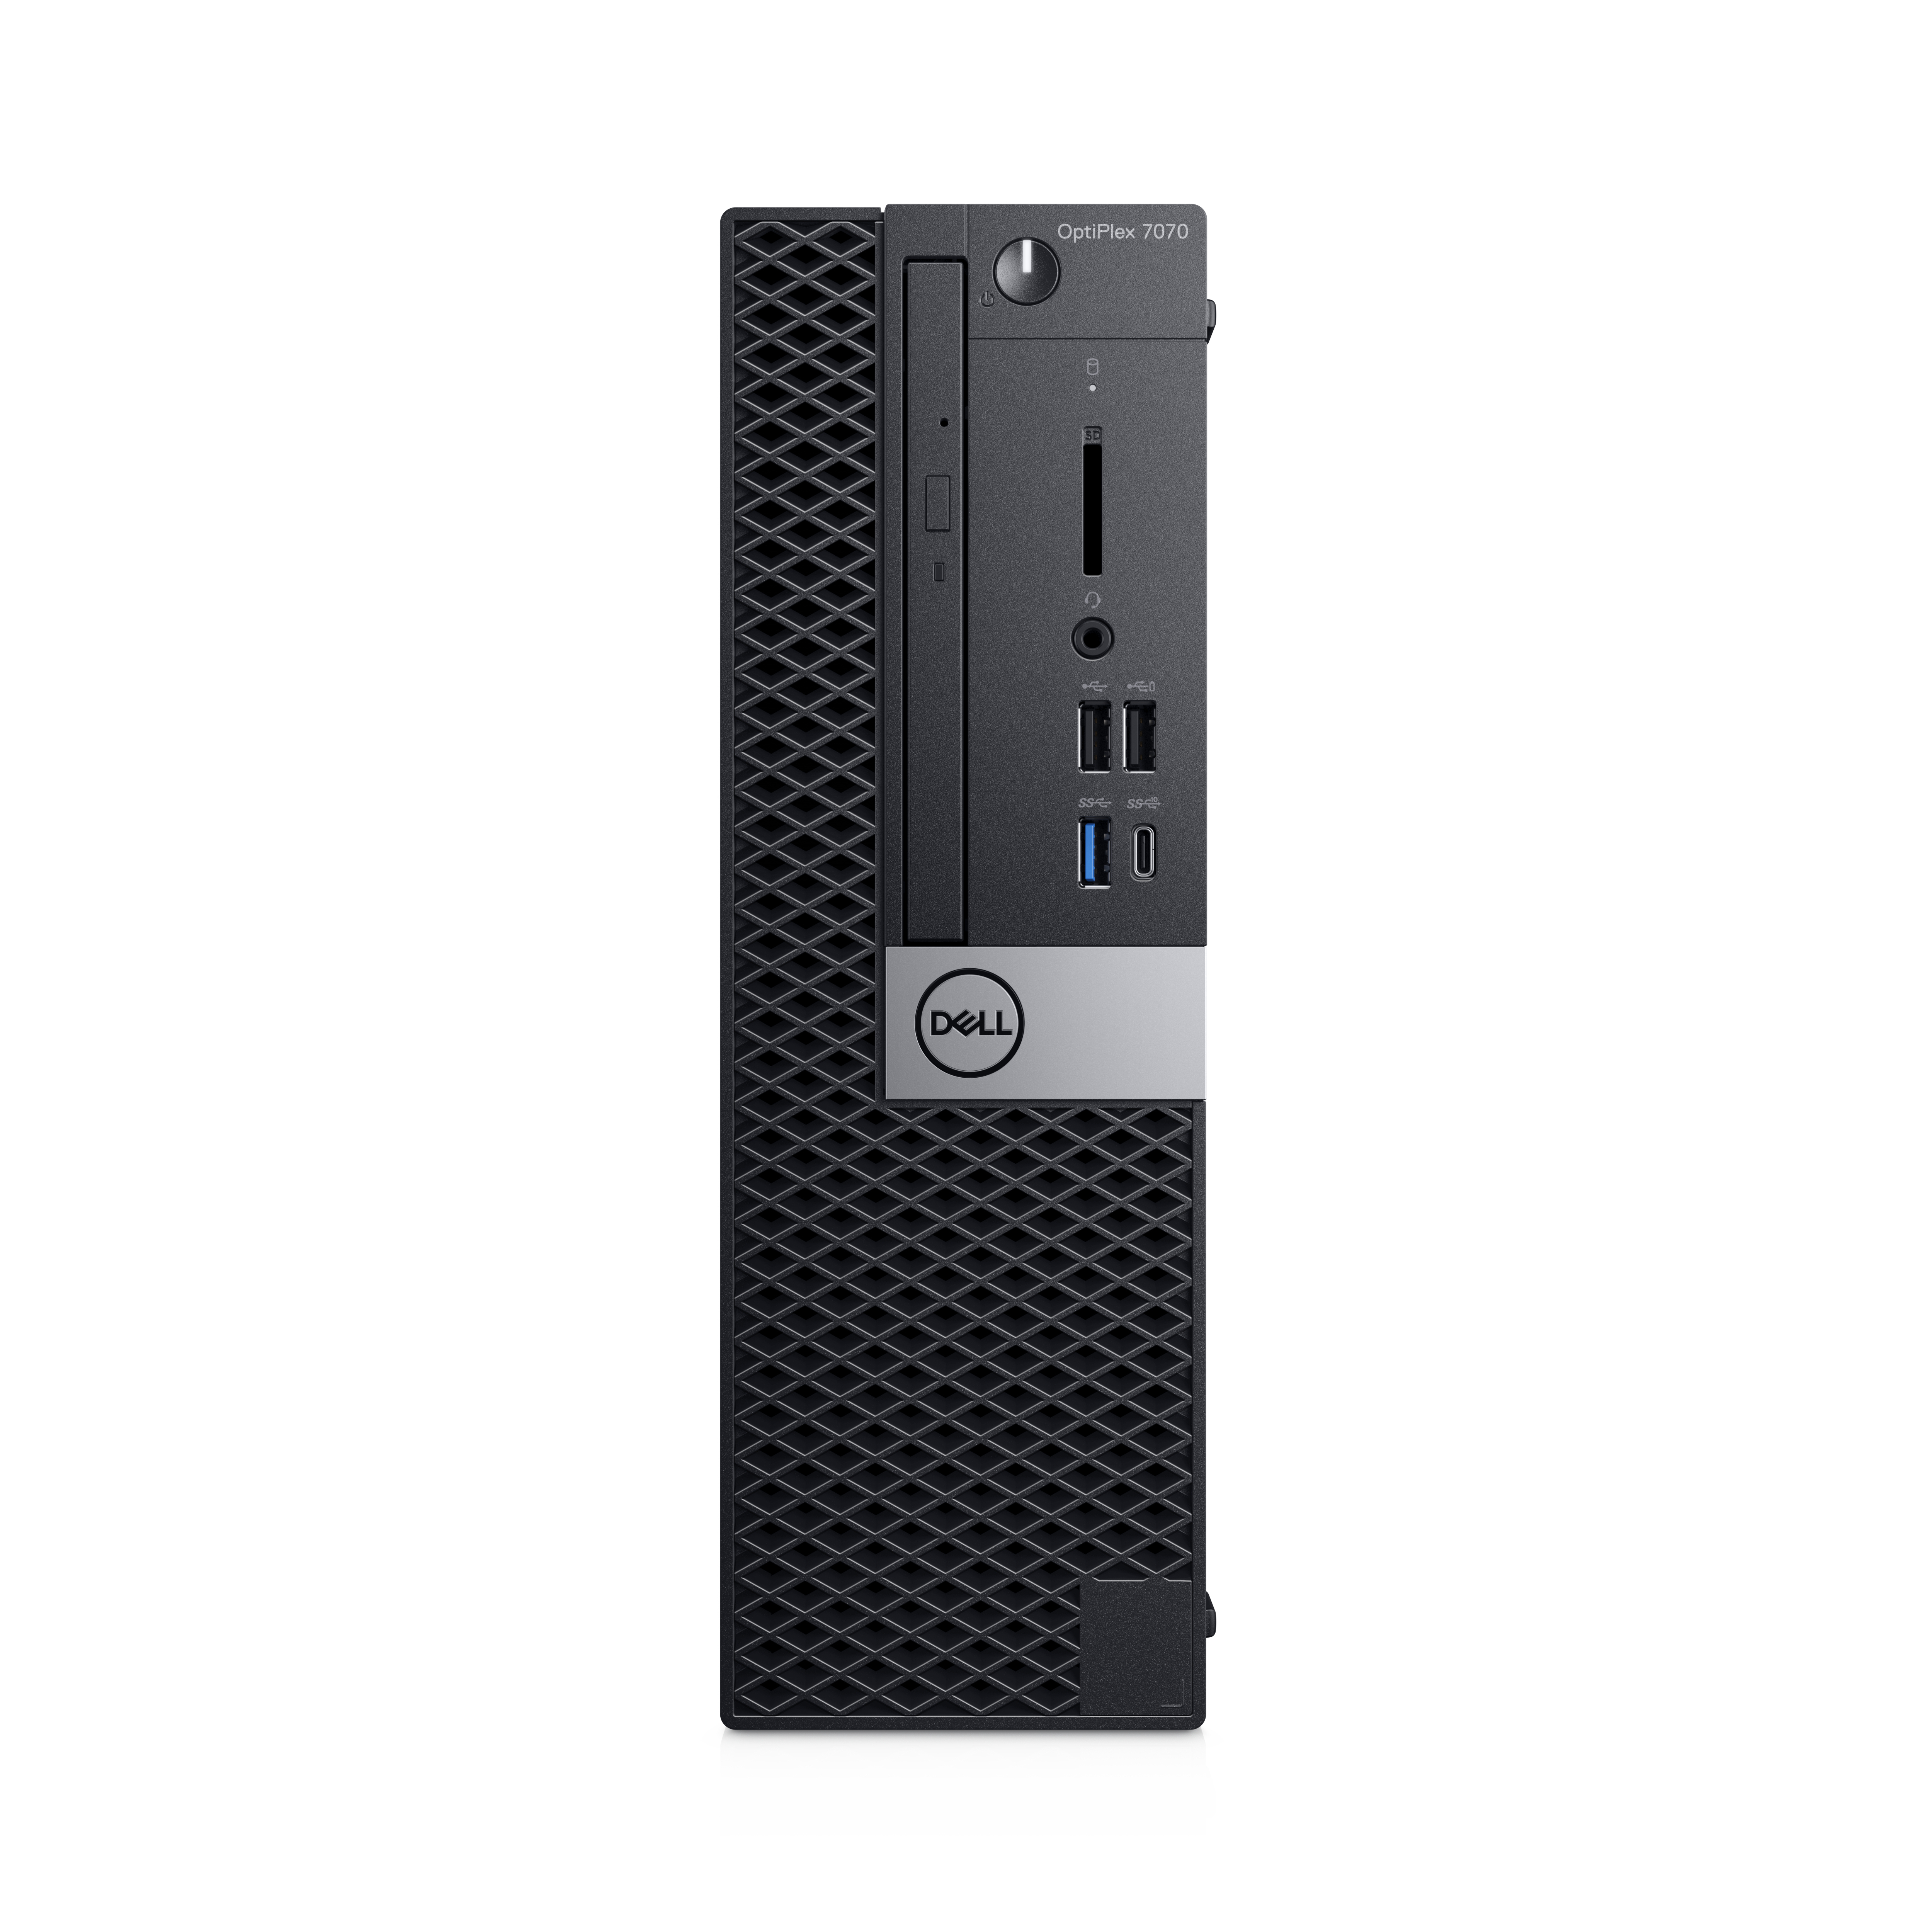 Dell OptiPlex 7070 SFF - Komplettsystem - Core i5 3 GHz - RAM: 8 GB DDR4, SDRAM - HDD: 256 GB - UHD Graphics 600